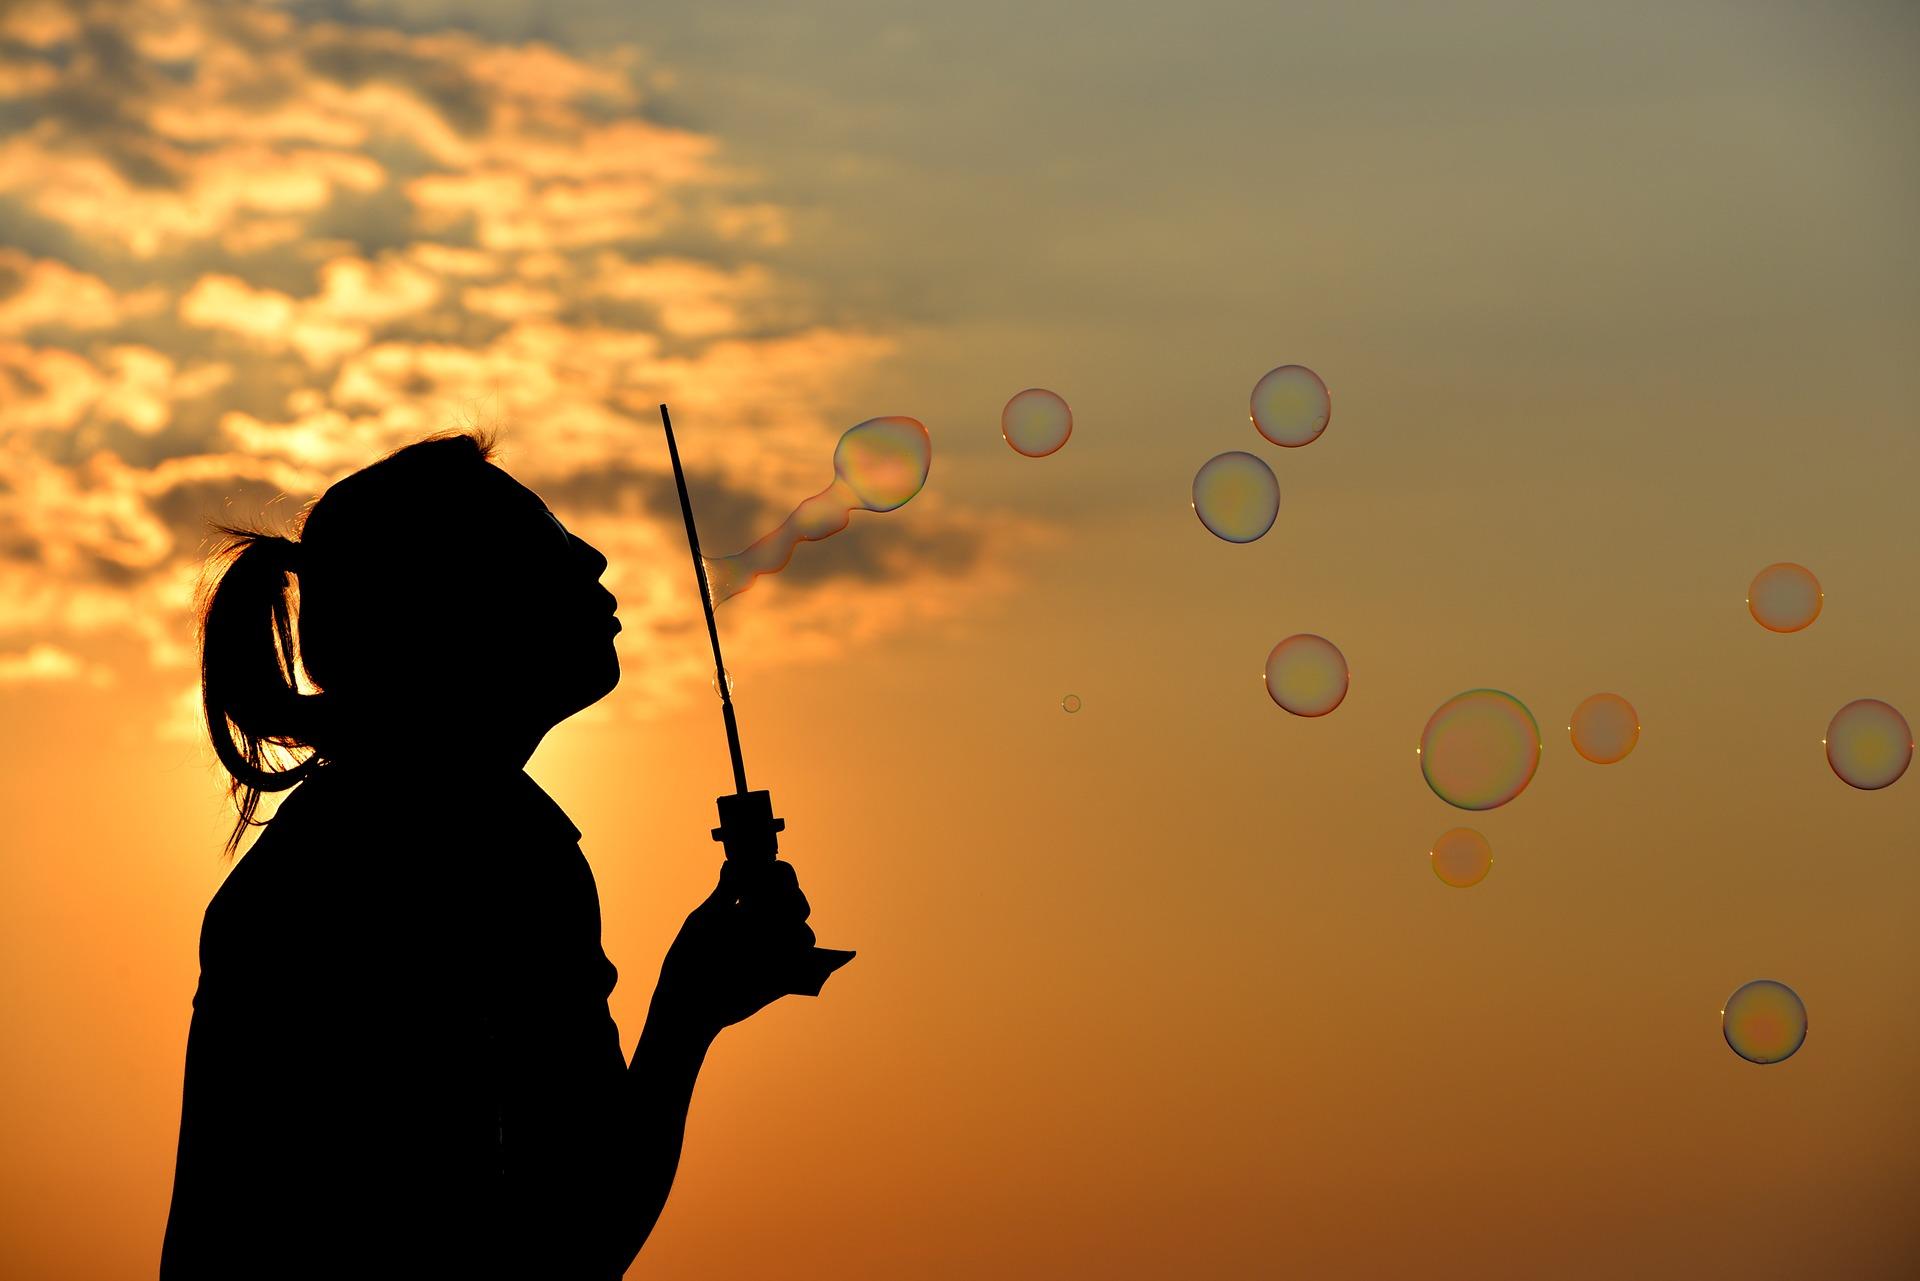 bolle, sogno, cambiamento, psicologo firenze, psicologo fidenza